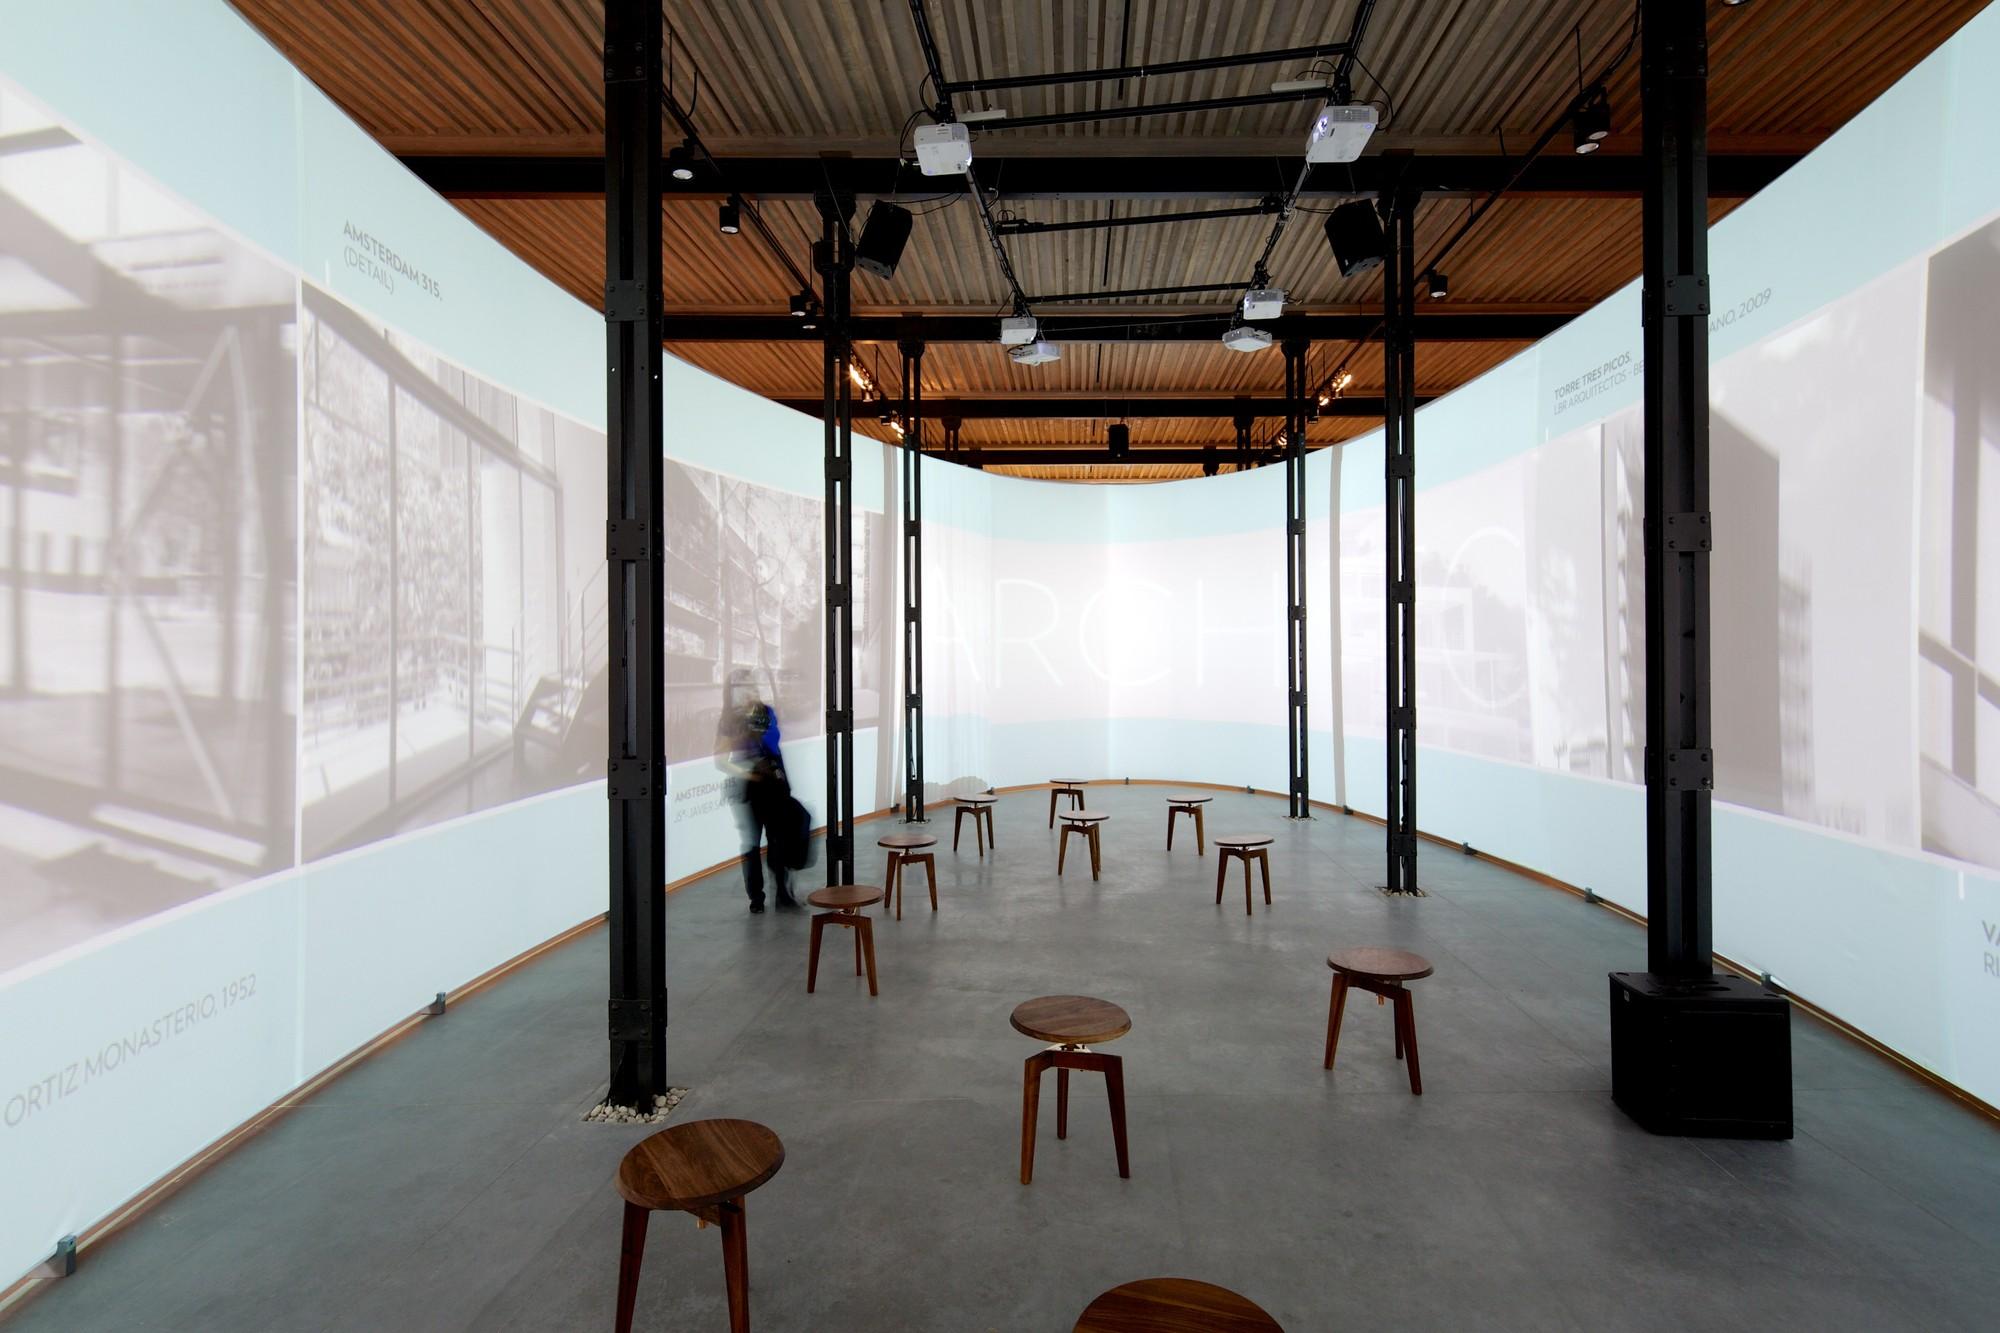 Condenados a ser Modernos / Pabellón de México en la Bienal de Venecia 2014, © Nico Saieh